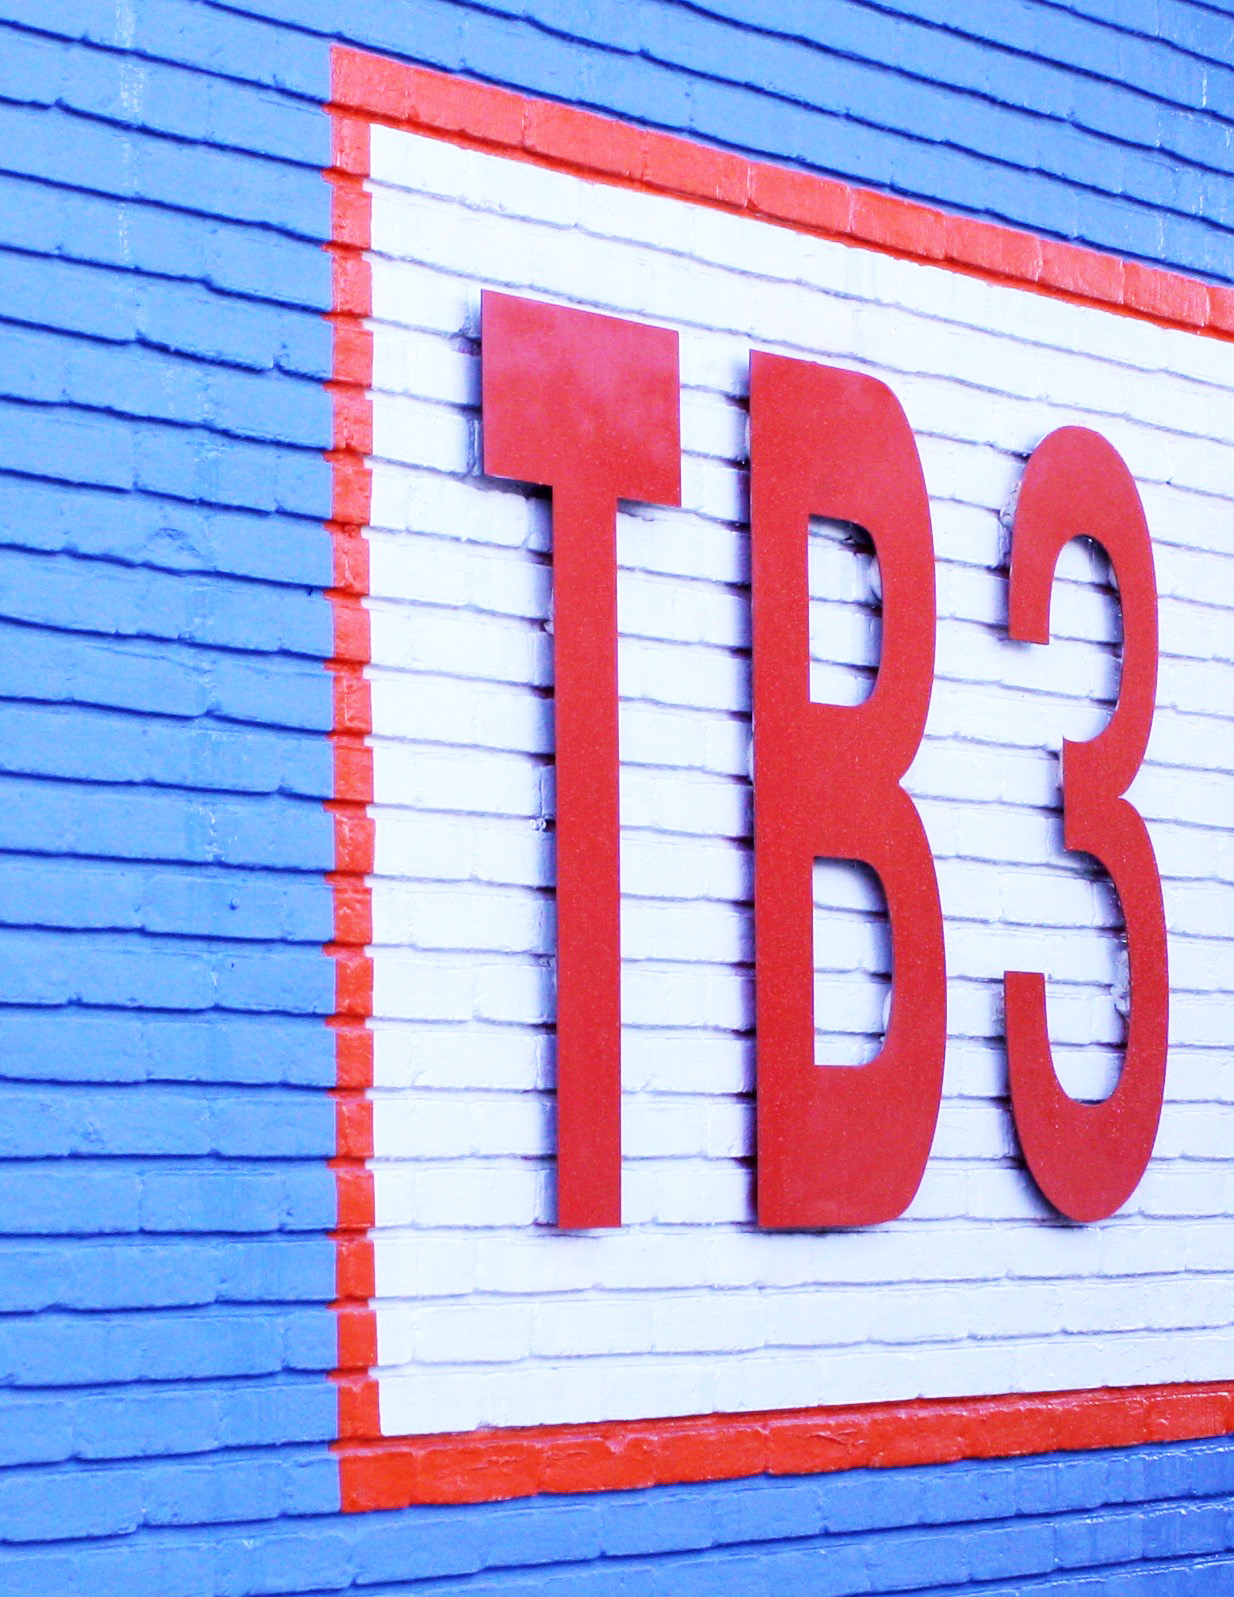 Tb3 YMB